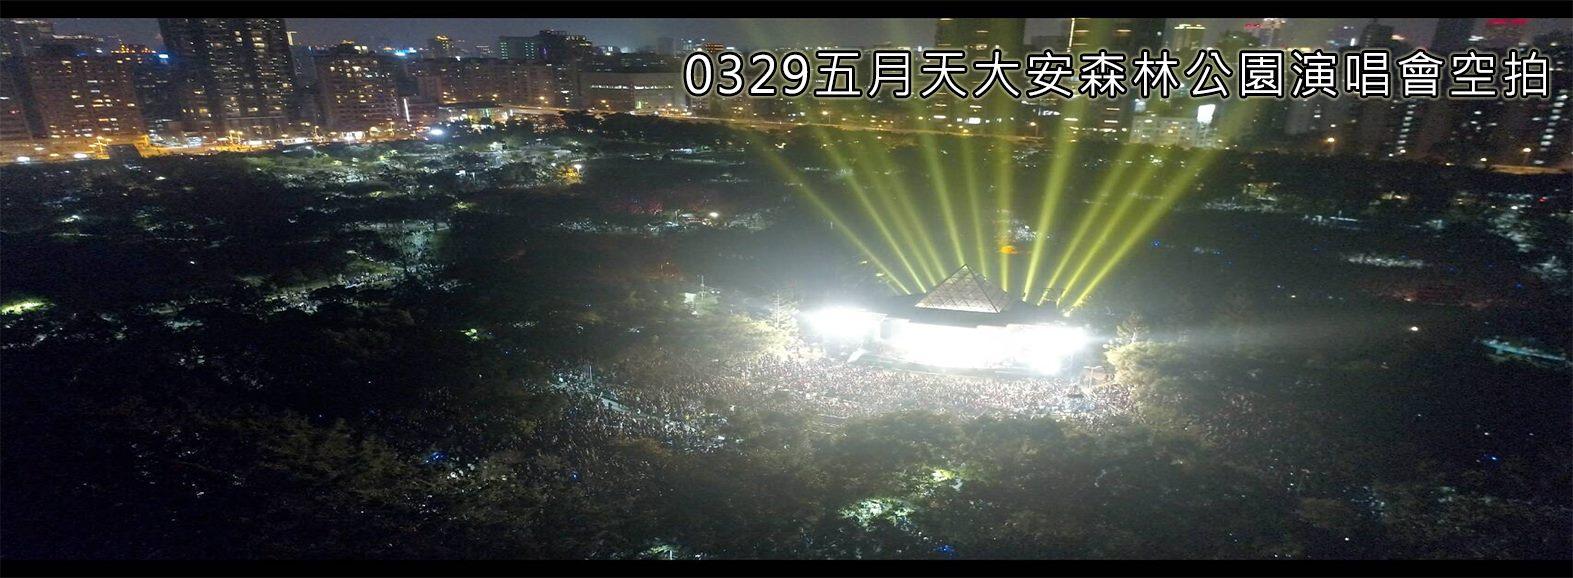 0329五月天大安森林公園演唱會空拍